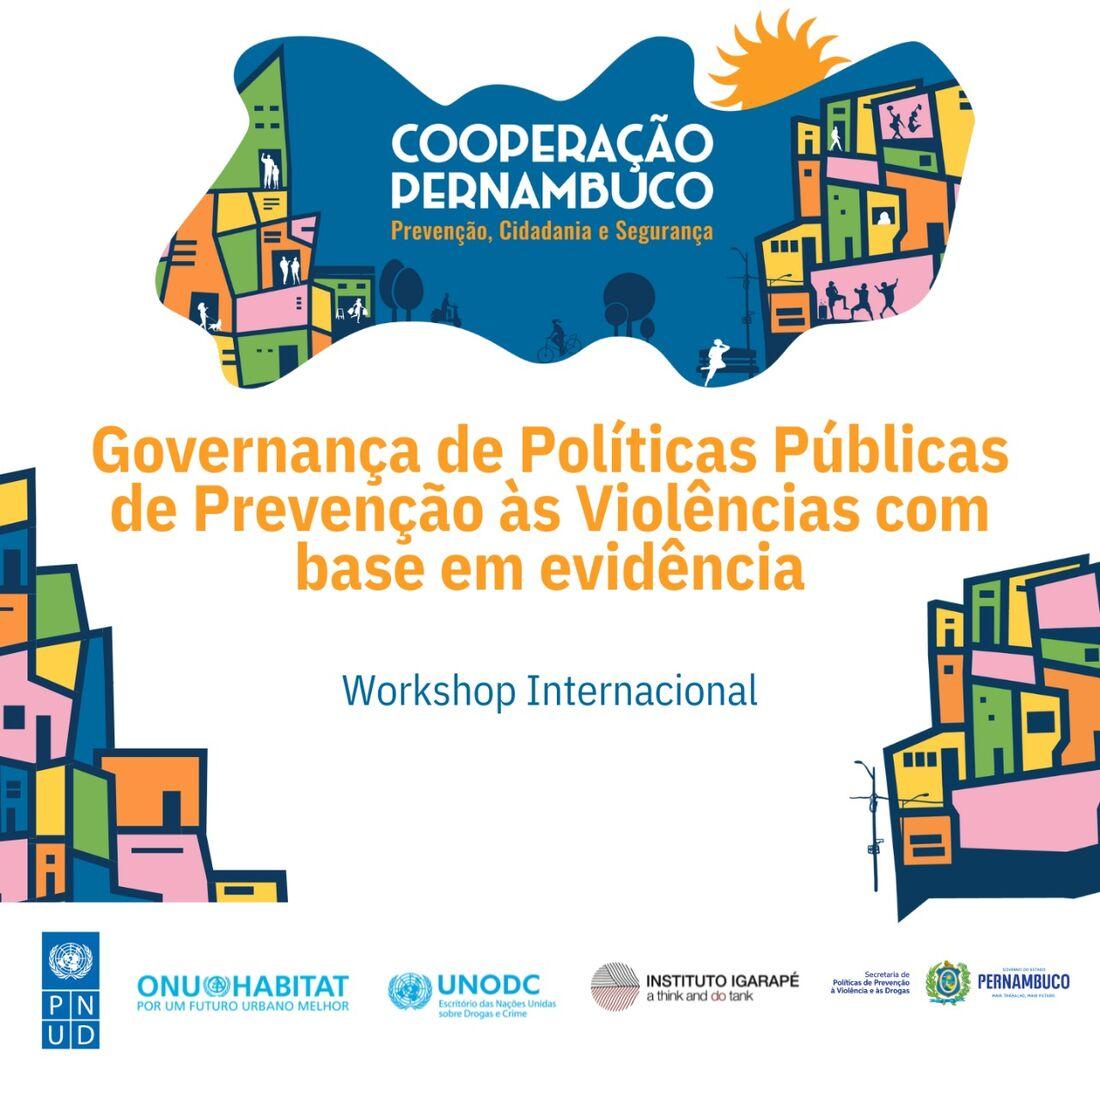 Workshop reinaugura política de Prevenção ao crime e à violência de Pernambuco